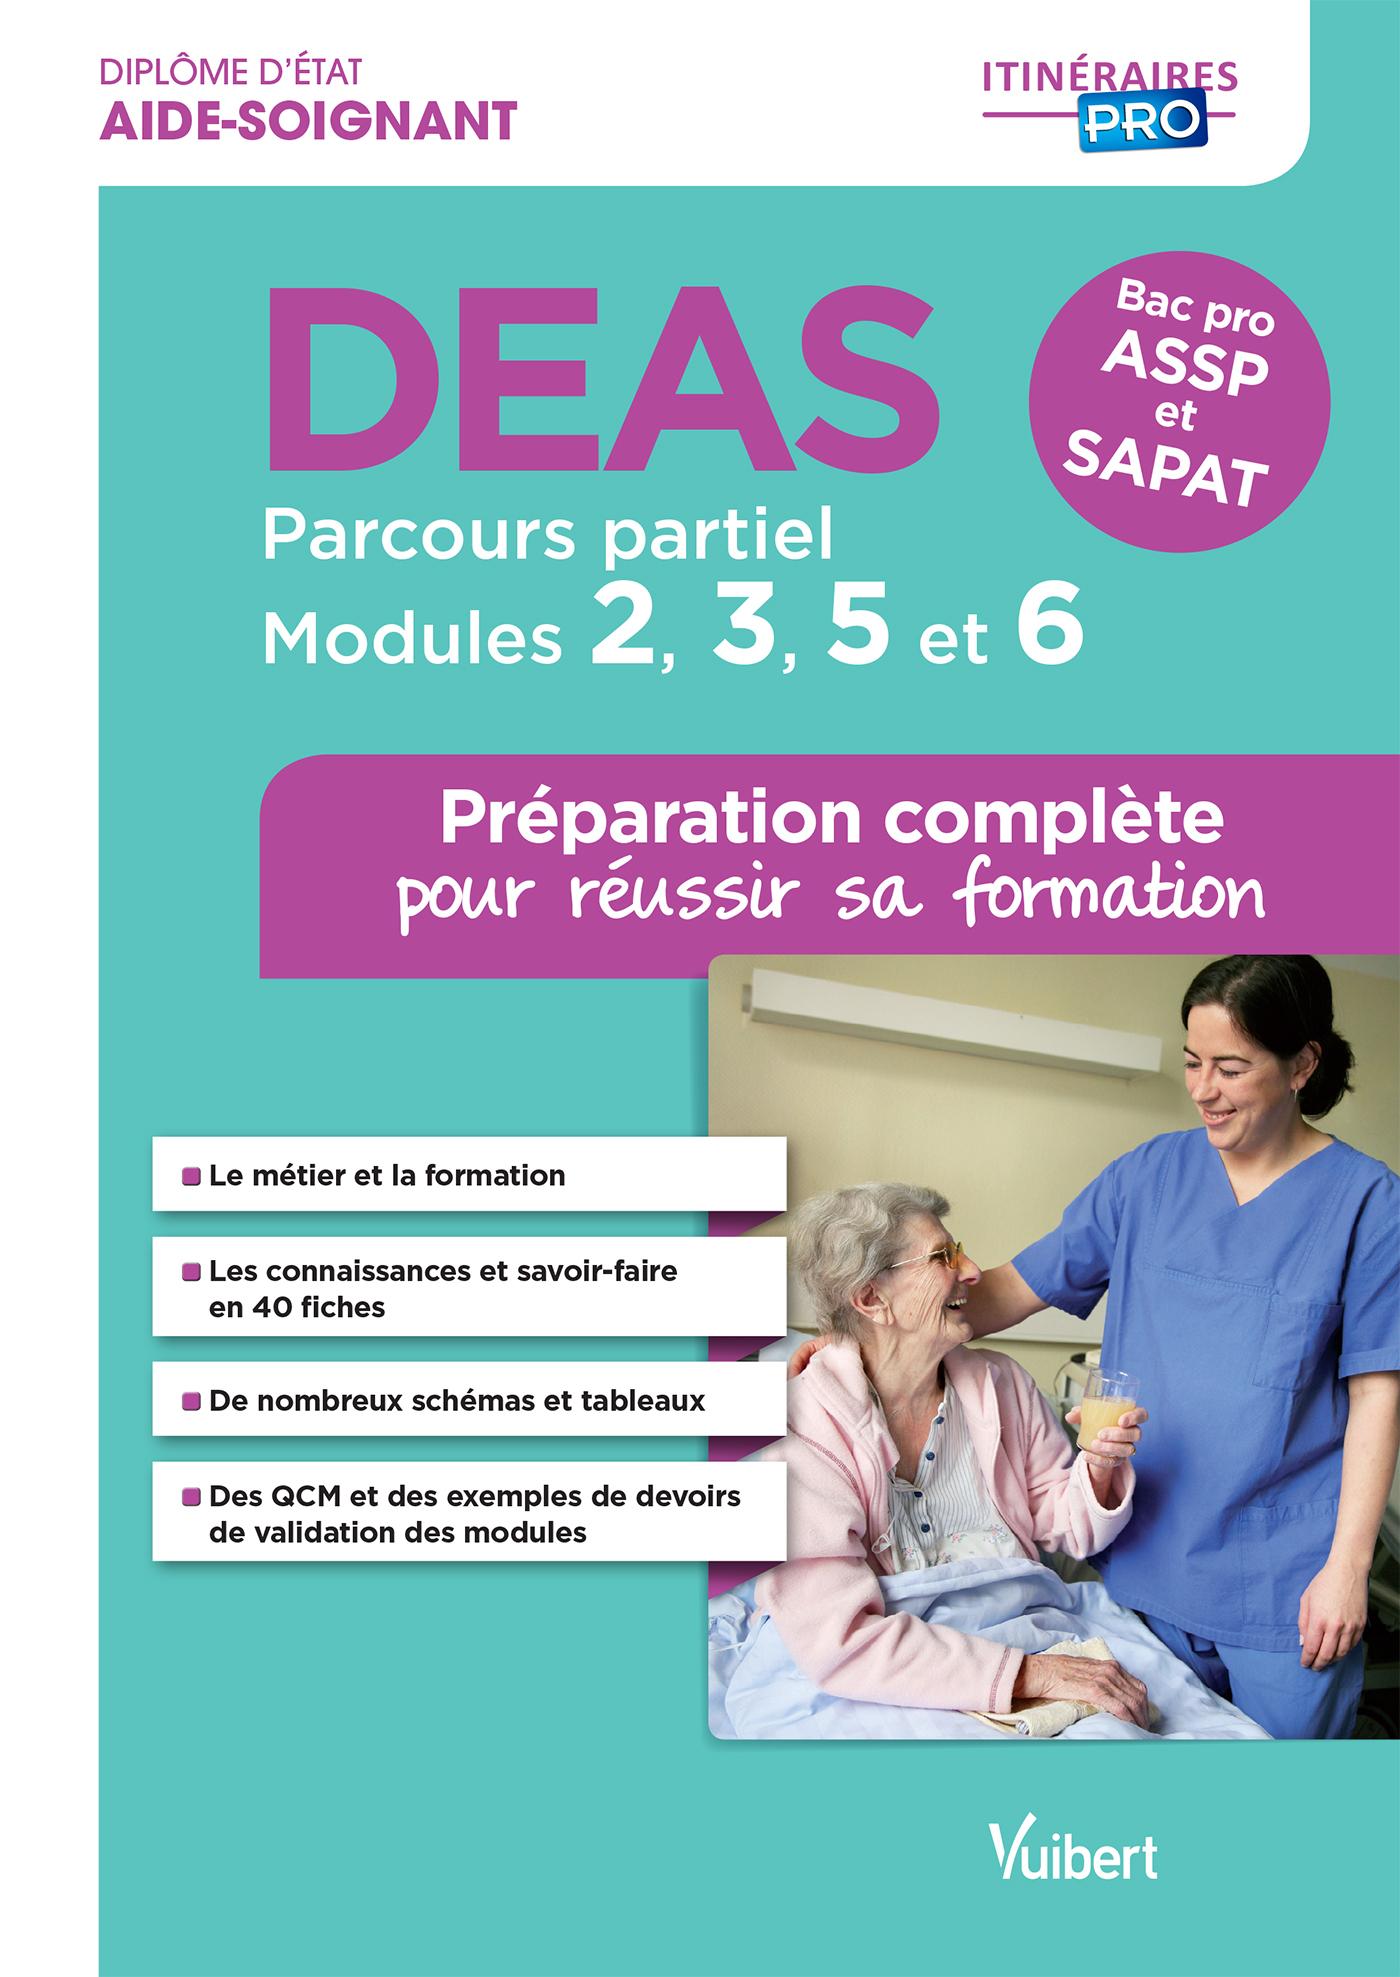 DEAS PARCOURS PARTIEL MODULES 2 3 5 ET 6 PREPARATION COMPLETE REUSSIR FORMATIO